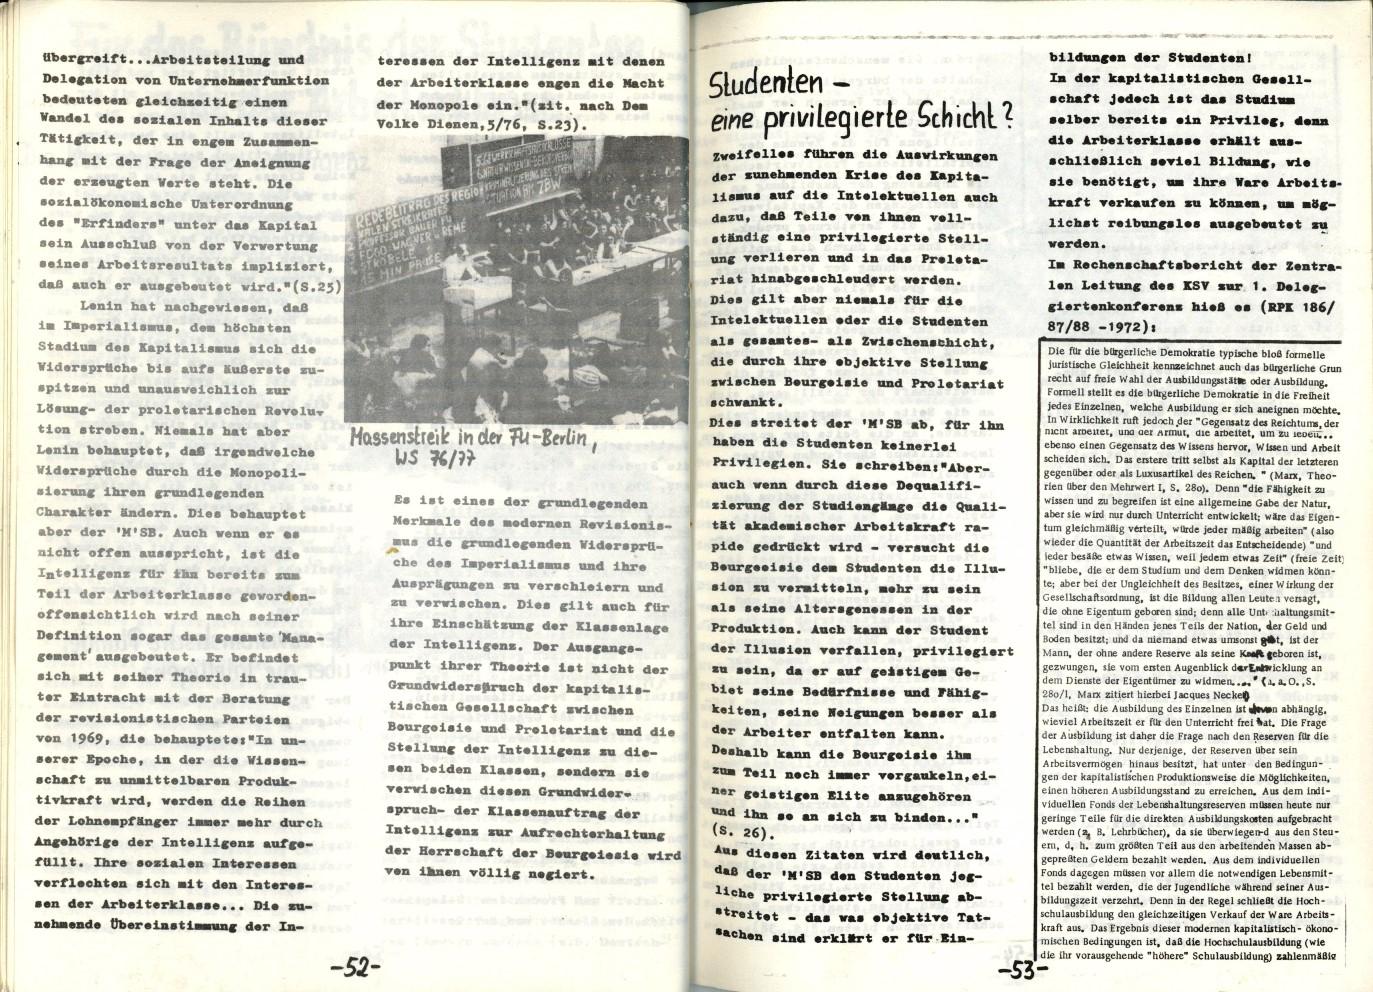 NRW_KSV_1977_Doku_zu_den_AStA_Wahlen_Nr_2_27